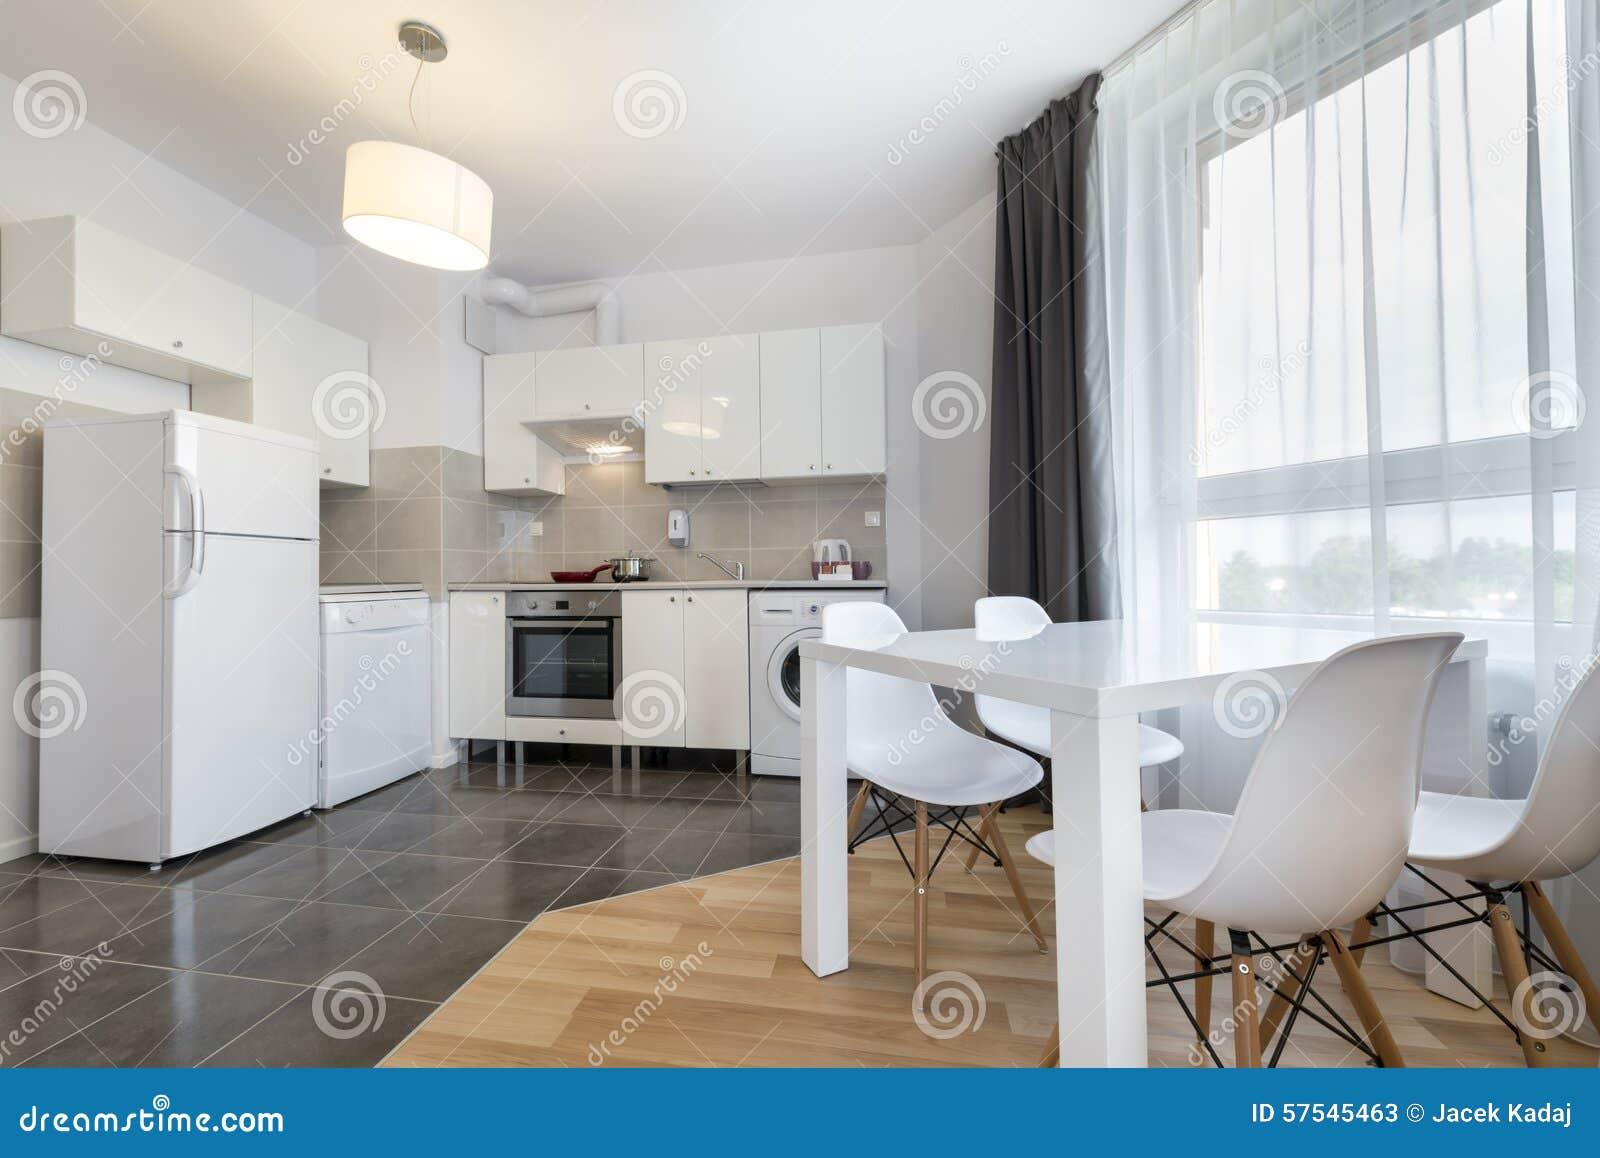 Design De Interiores Moderno Da Cozinha Na Cor Branca Imagem De